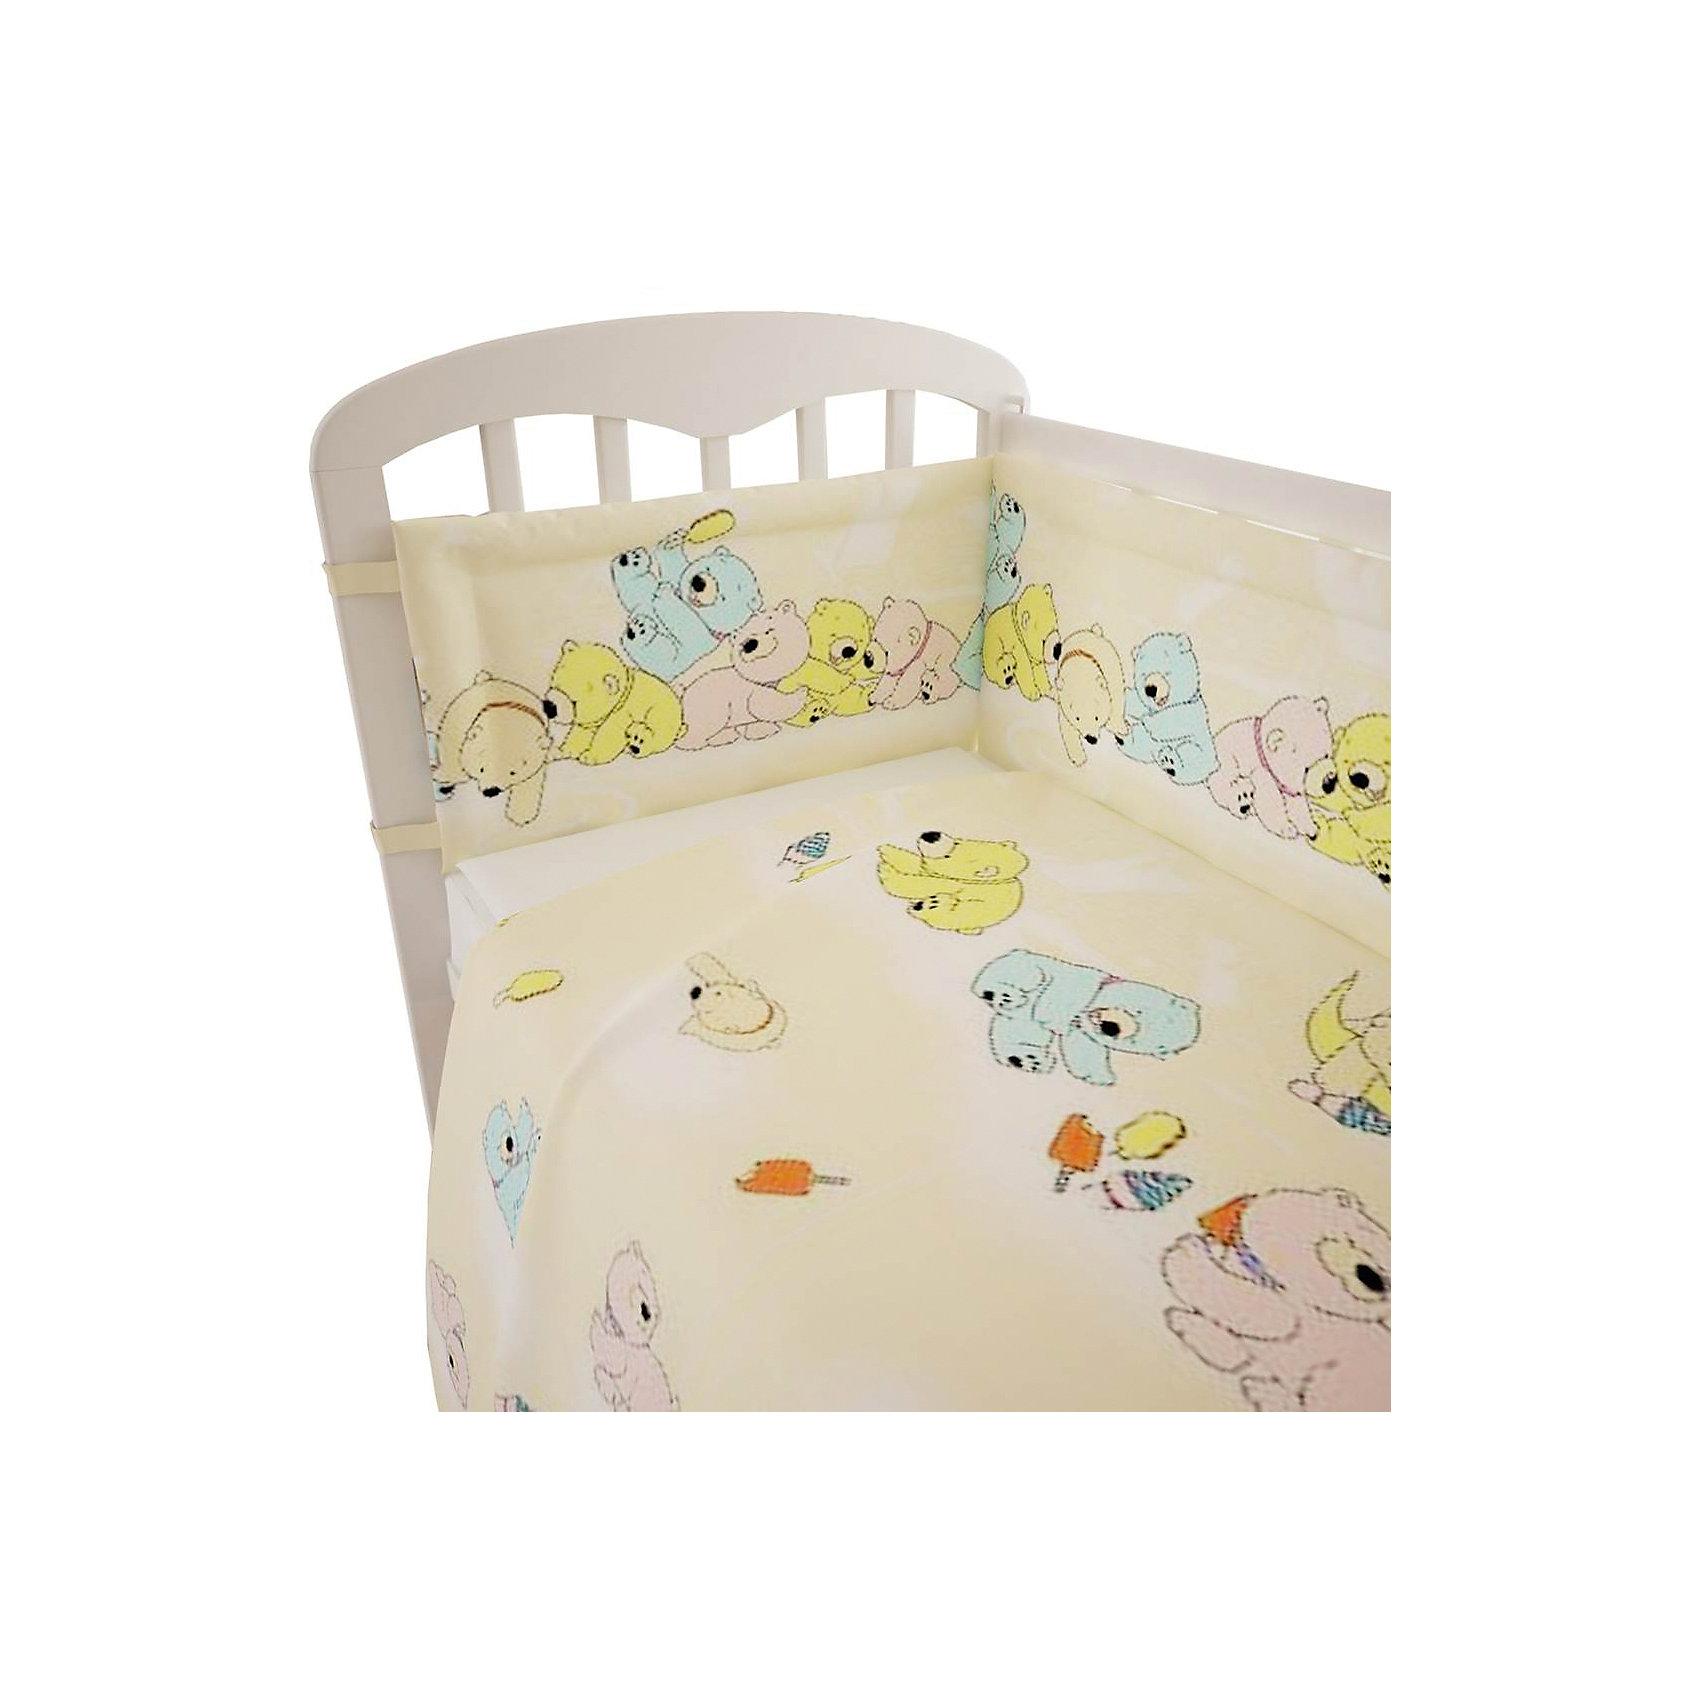 Постельное белье Мишки 3 пред., Фея, желтыйПостельное бельё<br>Качественное постельное белье для детей делается из натуральных материалов. Этот комплект, состоящий  из наволочки, простыни и пододеяльника, сшит из хлопка, гипоаллергенного, приятного на ощупь и позволяющего коже дышать.<br>Все предметы из набора - стандартных размеров, отлично подойдут к обычной подушке, матрасу и одеялу. Комплект украшен принтом с яркими мишками - на нем малышу будет приятно засыпать! Симпатичная расцветка комплекта отлично подойдет к интерьеру детской.<br><br>Дополнительная информация:<br><br>цвет: желтый, принт;<br>материал: 100% хлопок;<br>наволочка: 40х60 см,<br>простыня: 160х100 см,<br>пододеяльник: 110х140 см.<br><br>Постельное белье Мишки 3 пред., торговой марки Фея можно купить в нашем магазине.<br><br>Ширина мм: 570<br>Глубина мм: 410<br>Высота мм: 570<br>Вес г: 510<br>Возраст от месяцев: 0<br>Возраст до месяцев: 36<br>Пол: Унисекс<br>Возраст: Детский<br>SKU: 4873629